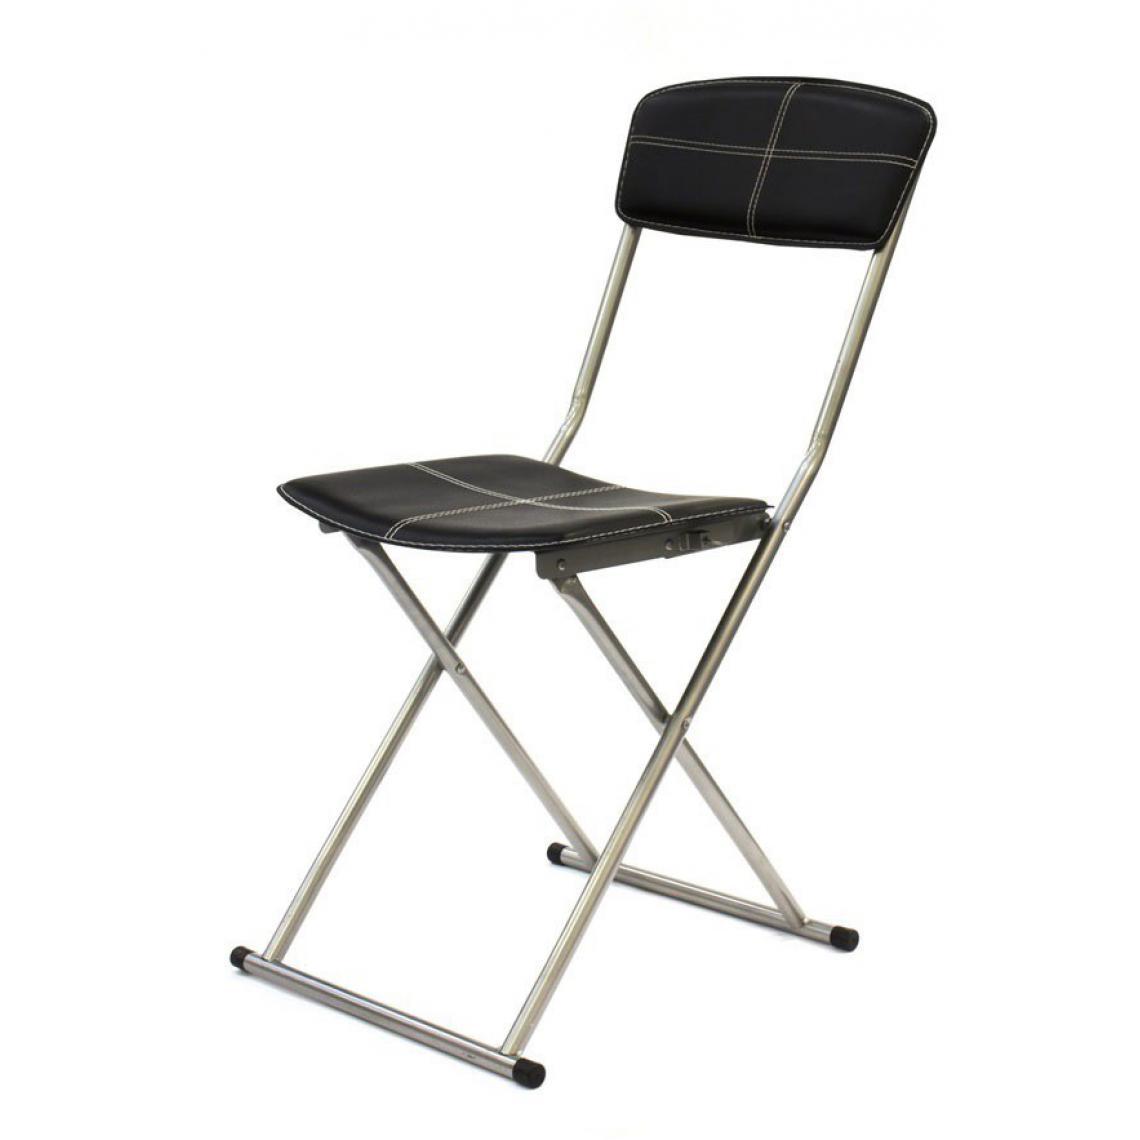 Chaise Suisses Chaise Lusta3 Pliable Noire tshdCQr